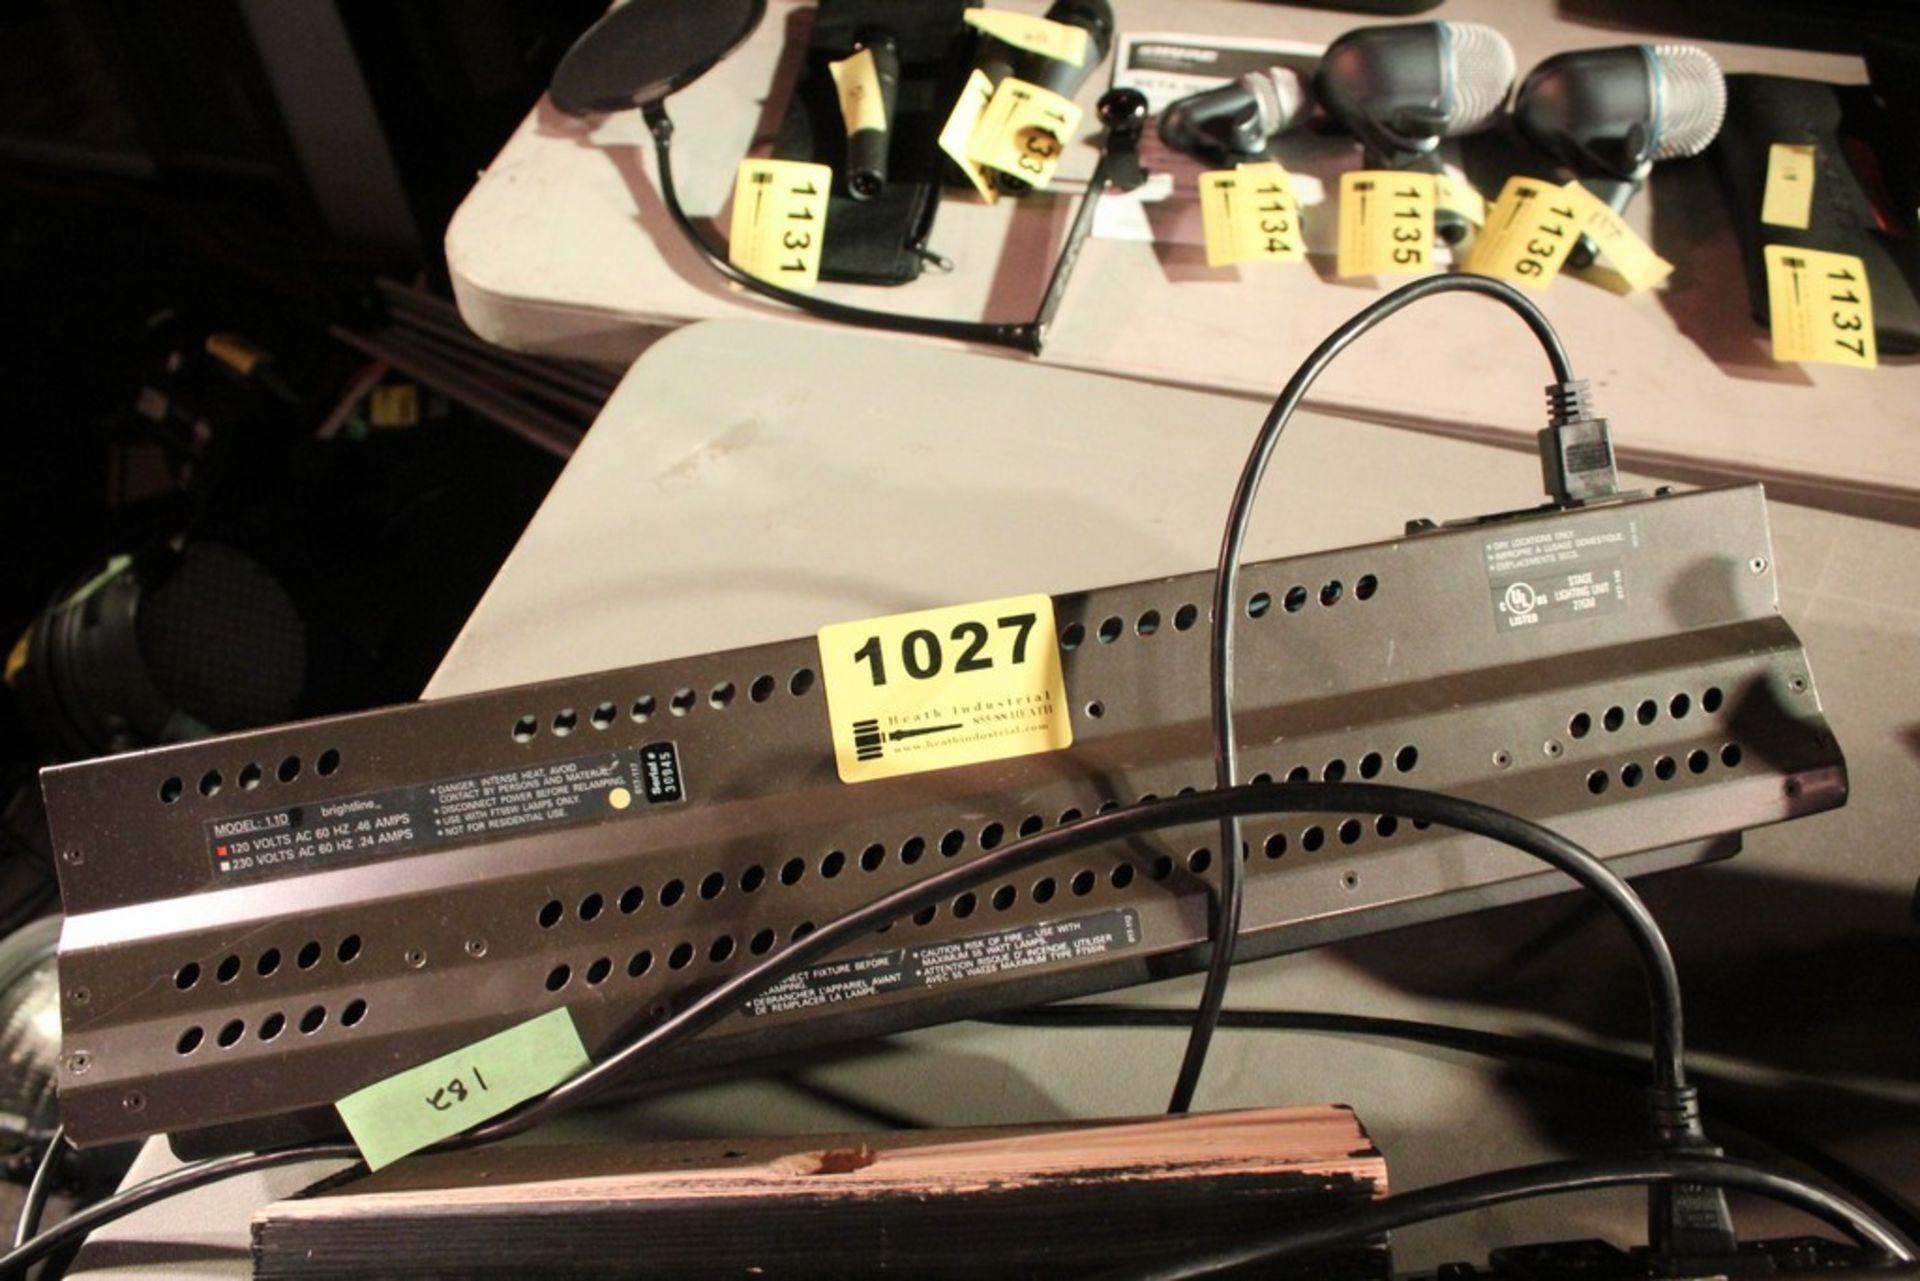 Lot 1027 - BRIGHTLINE MODEL 1.1D 10 AMP STAGE LIGHT SERIES 1 DMX LIGHT